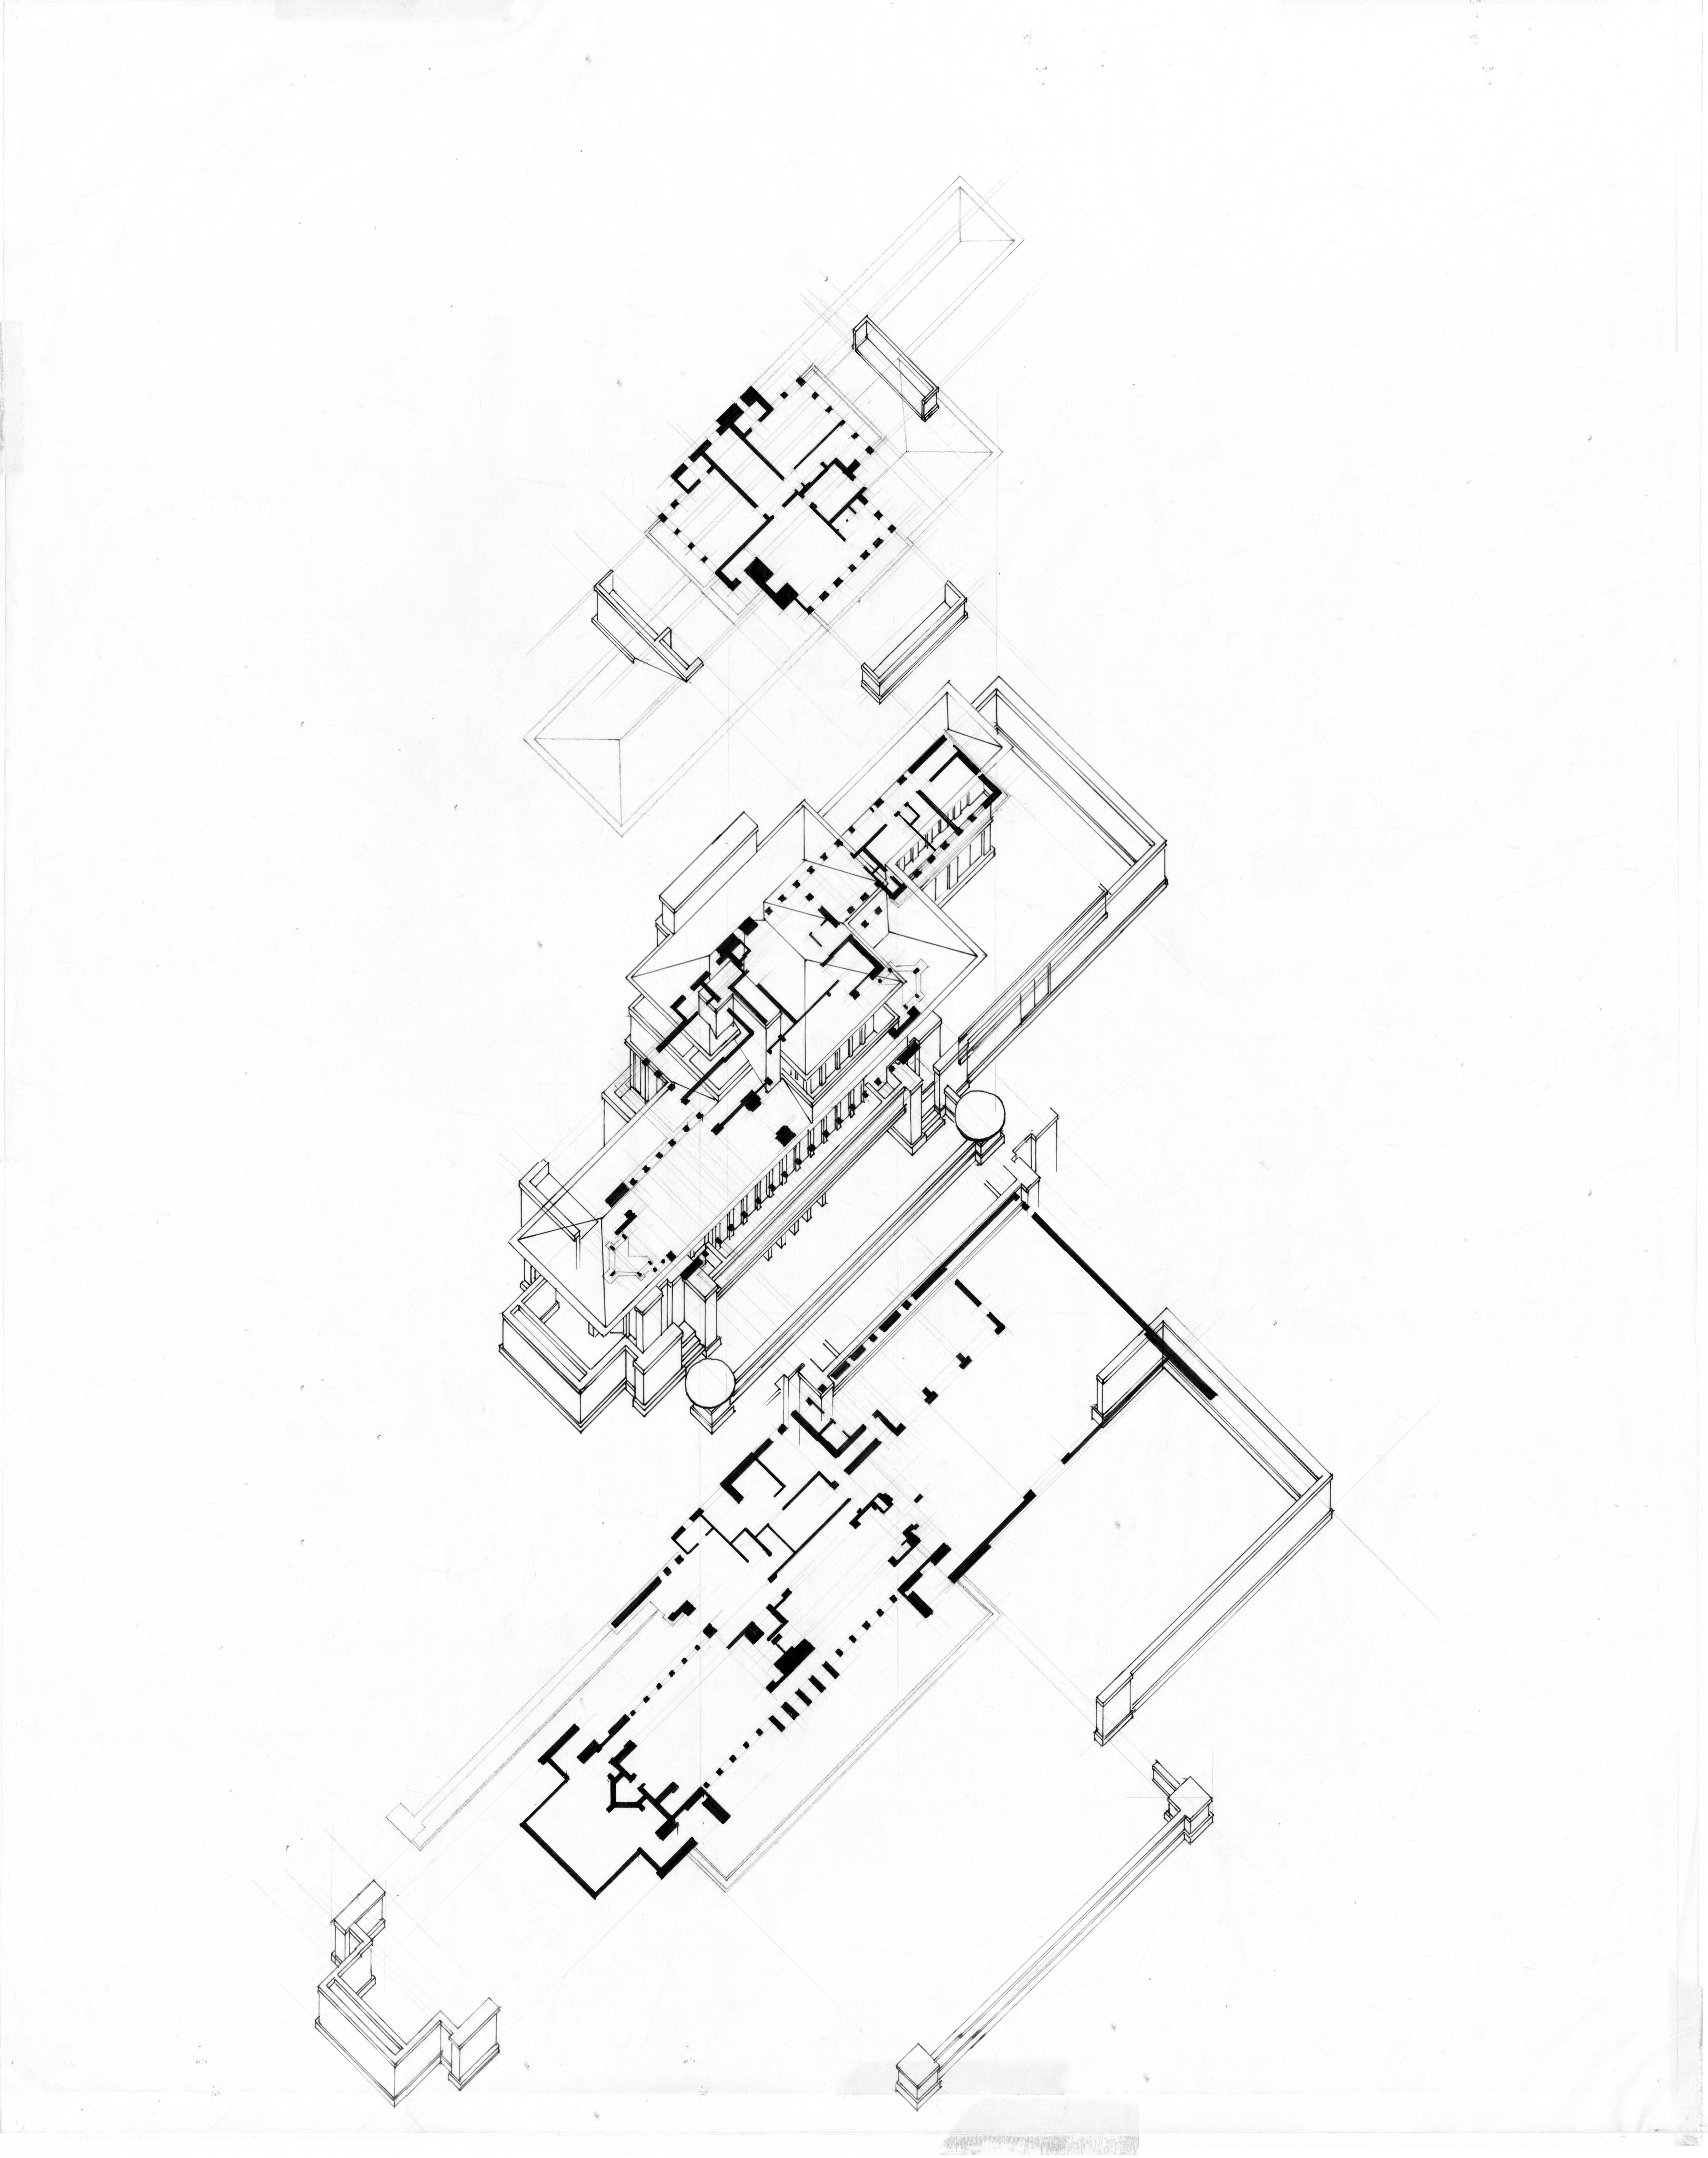 layered axonometric drawing